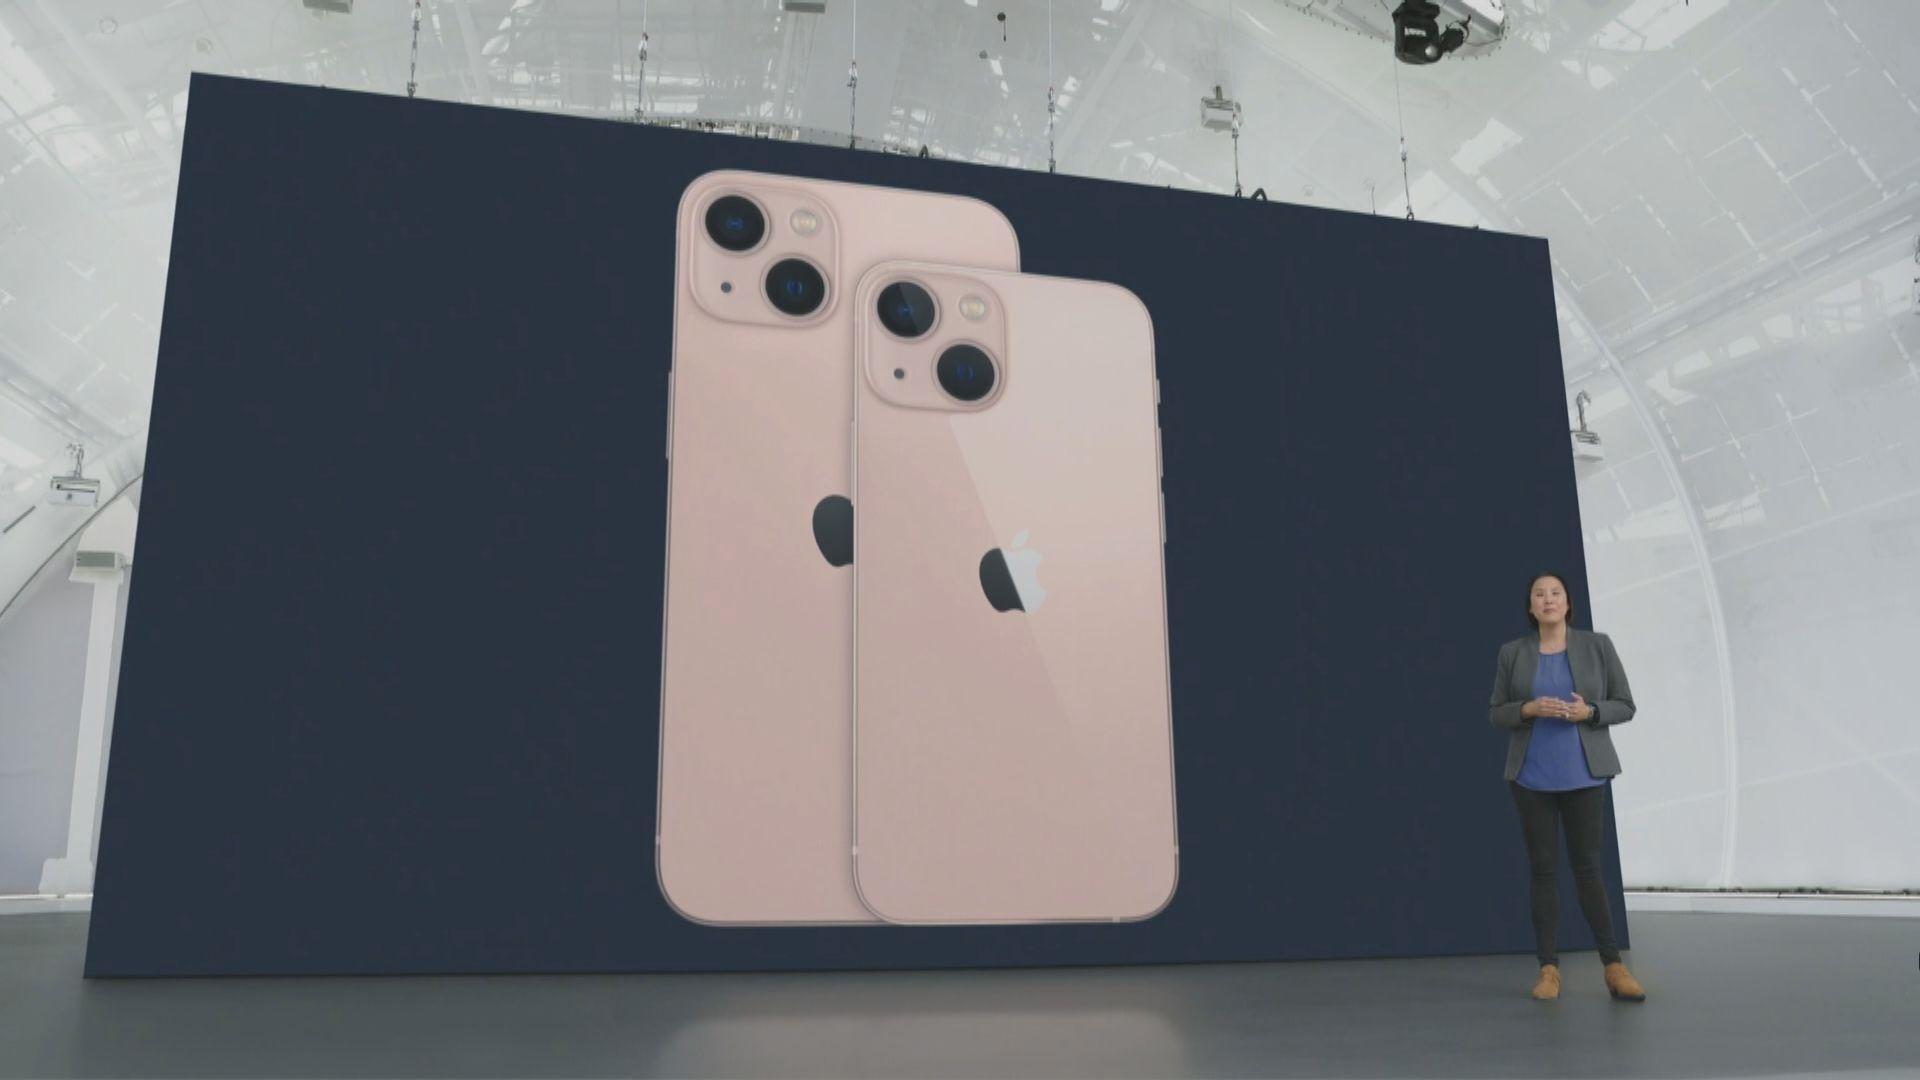 蘋果發布iPhone 13 系列 下周五起發售